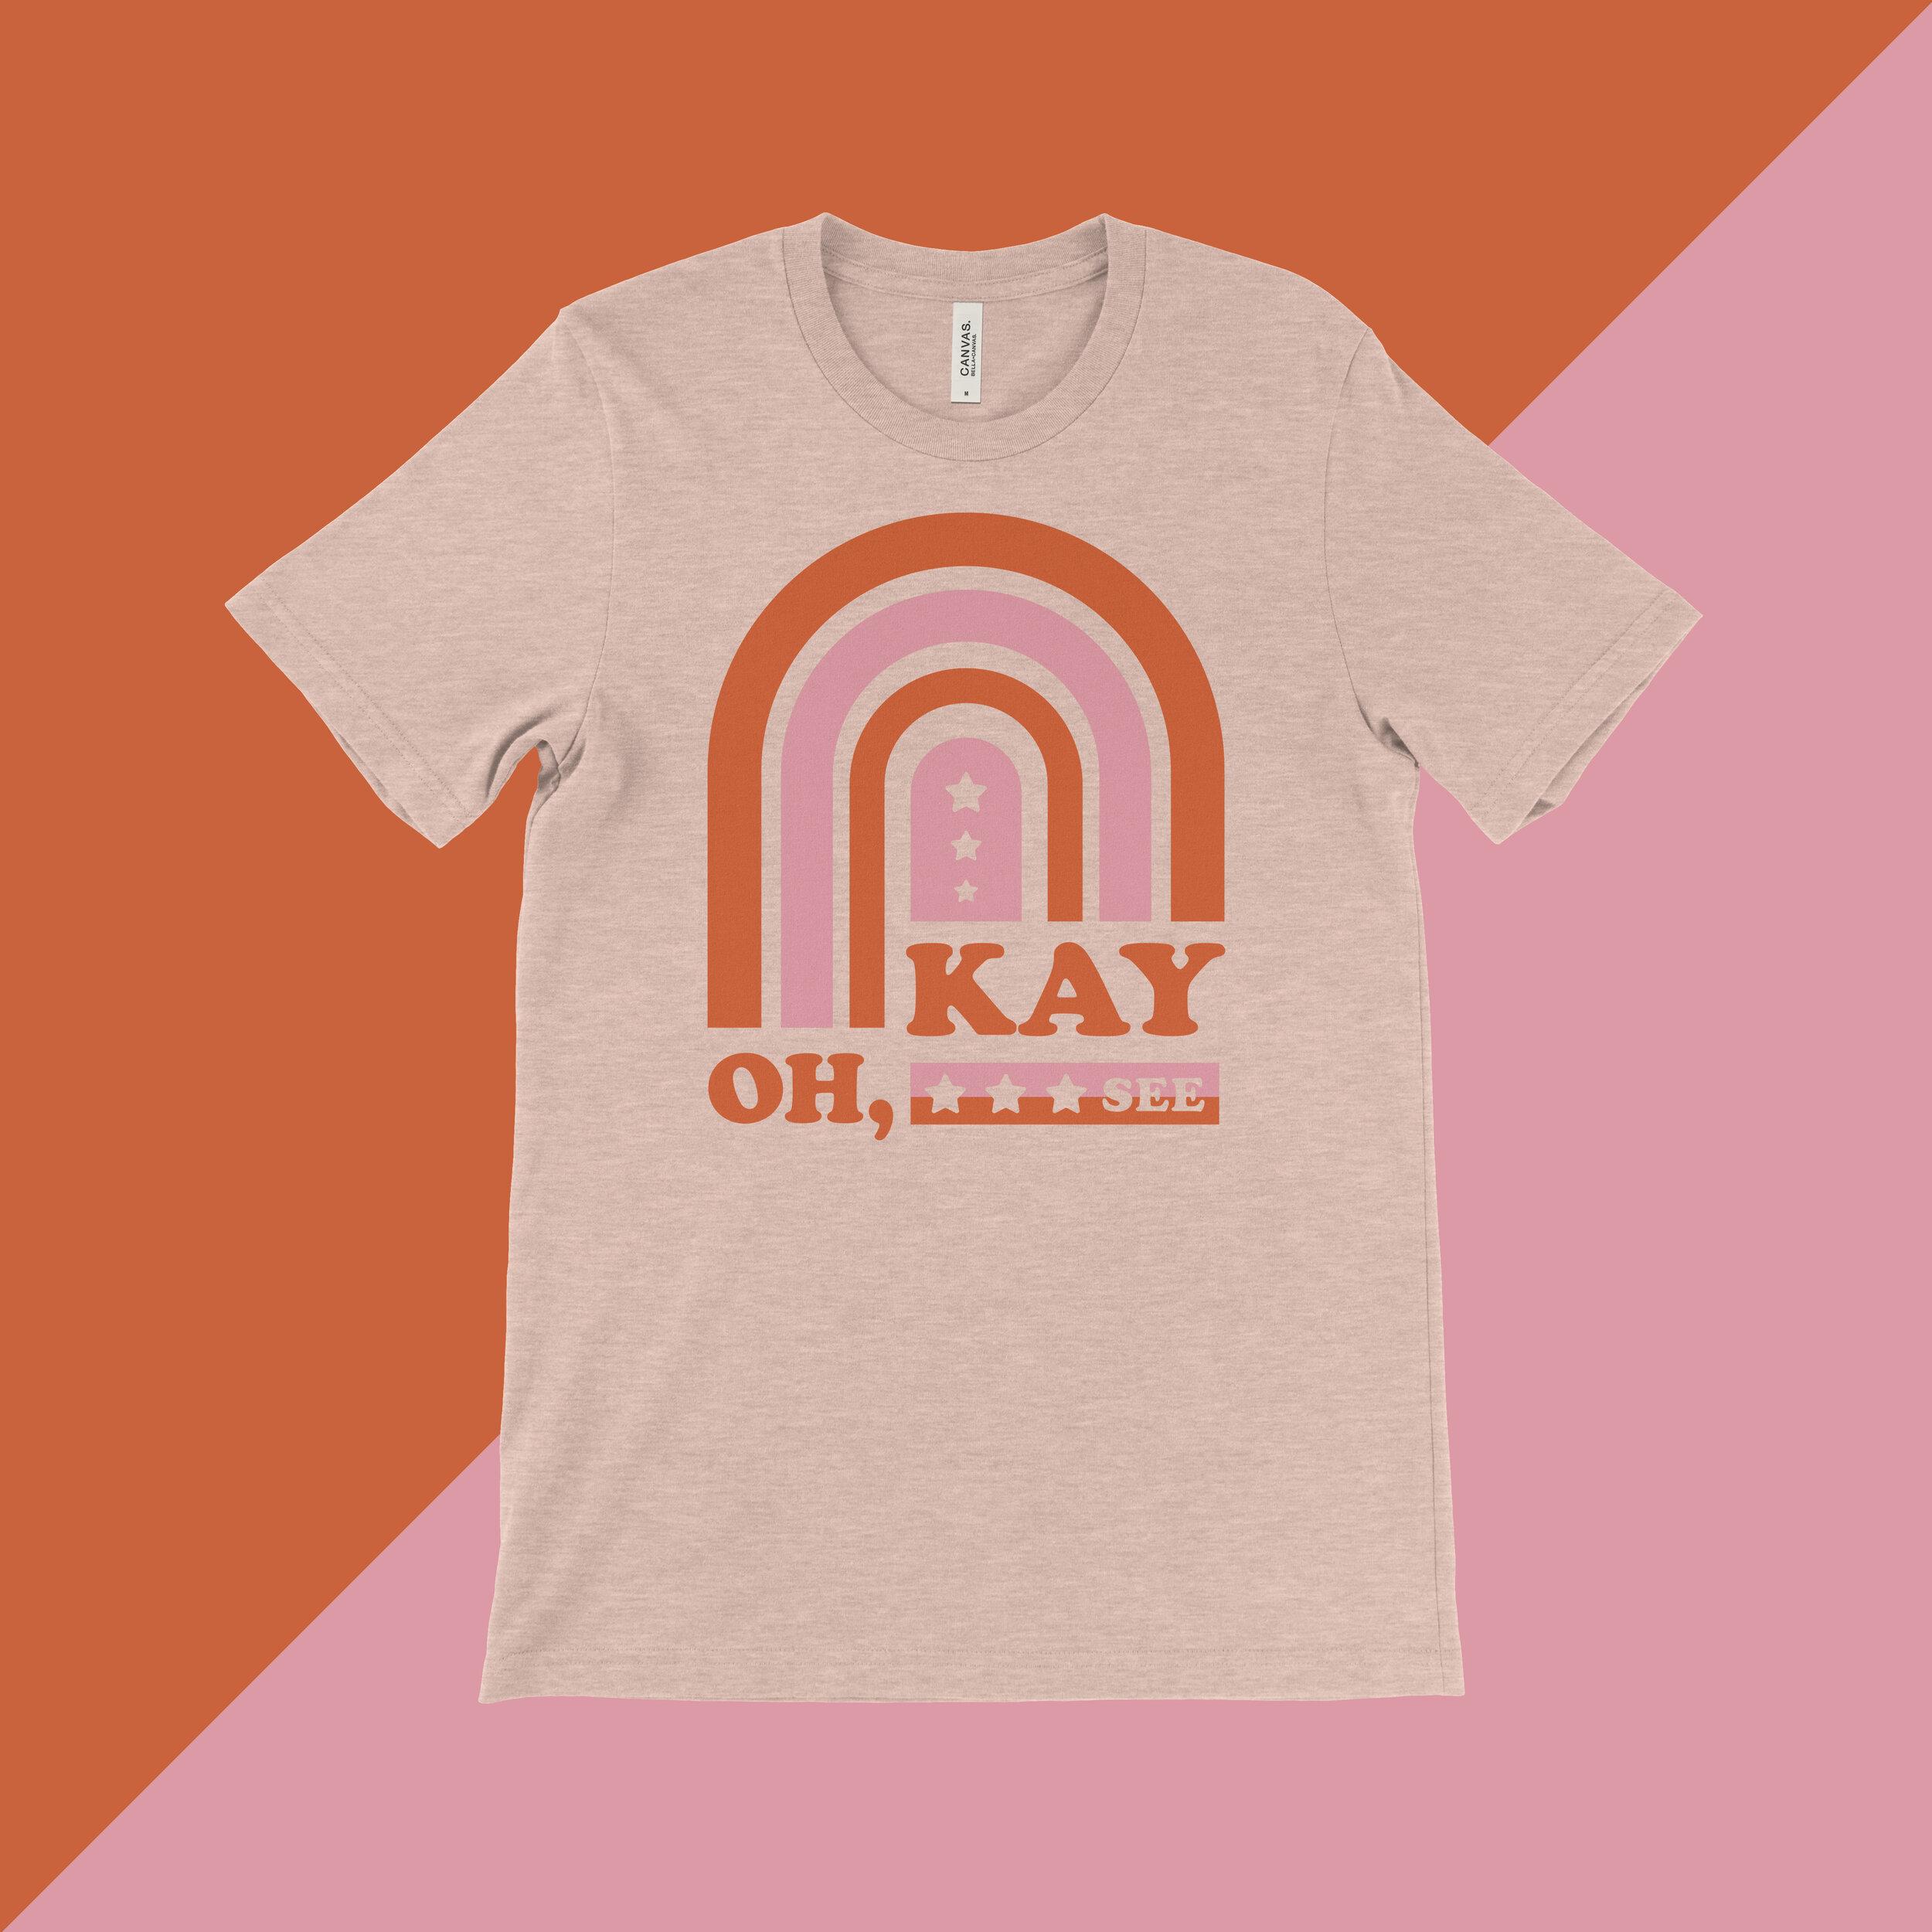 NHS-Oh Kay See-Peach-Mockup.jpg